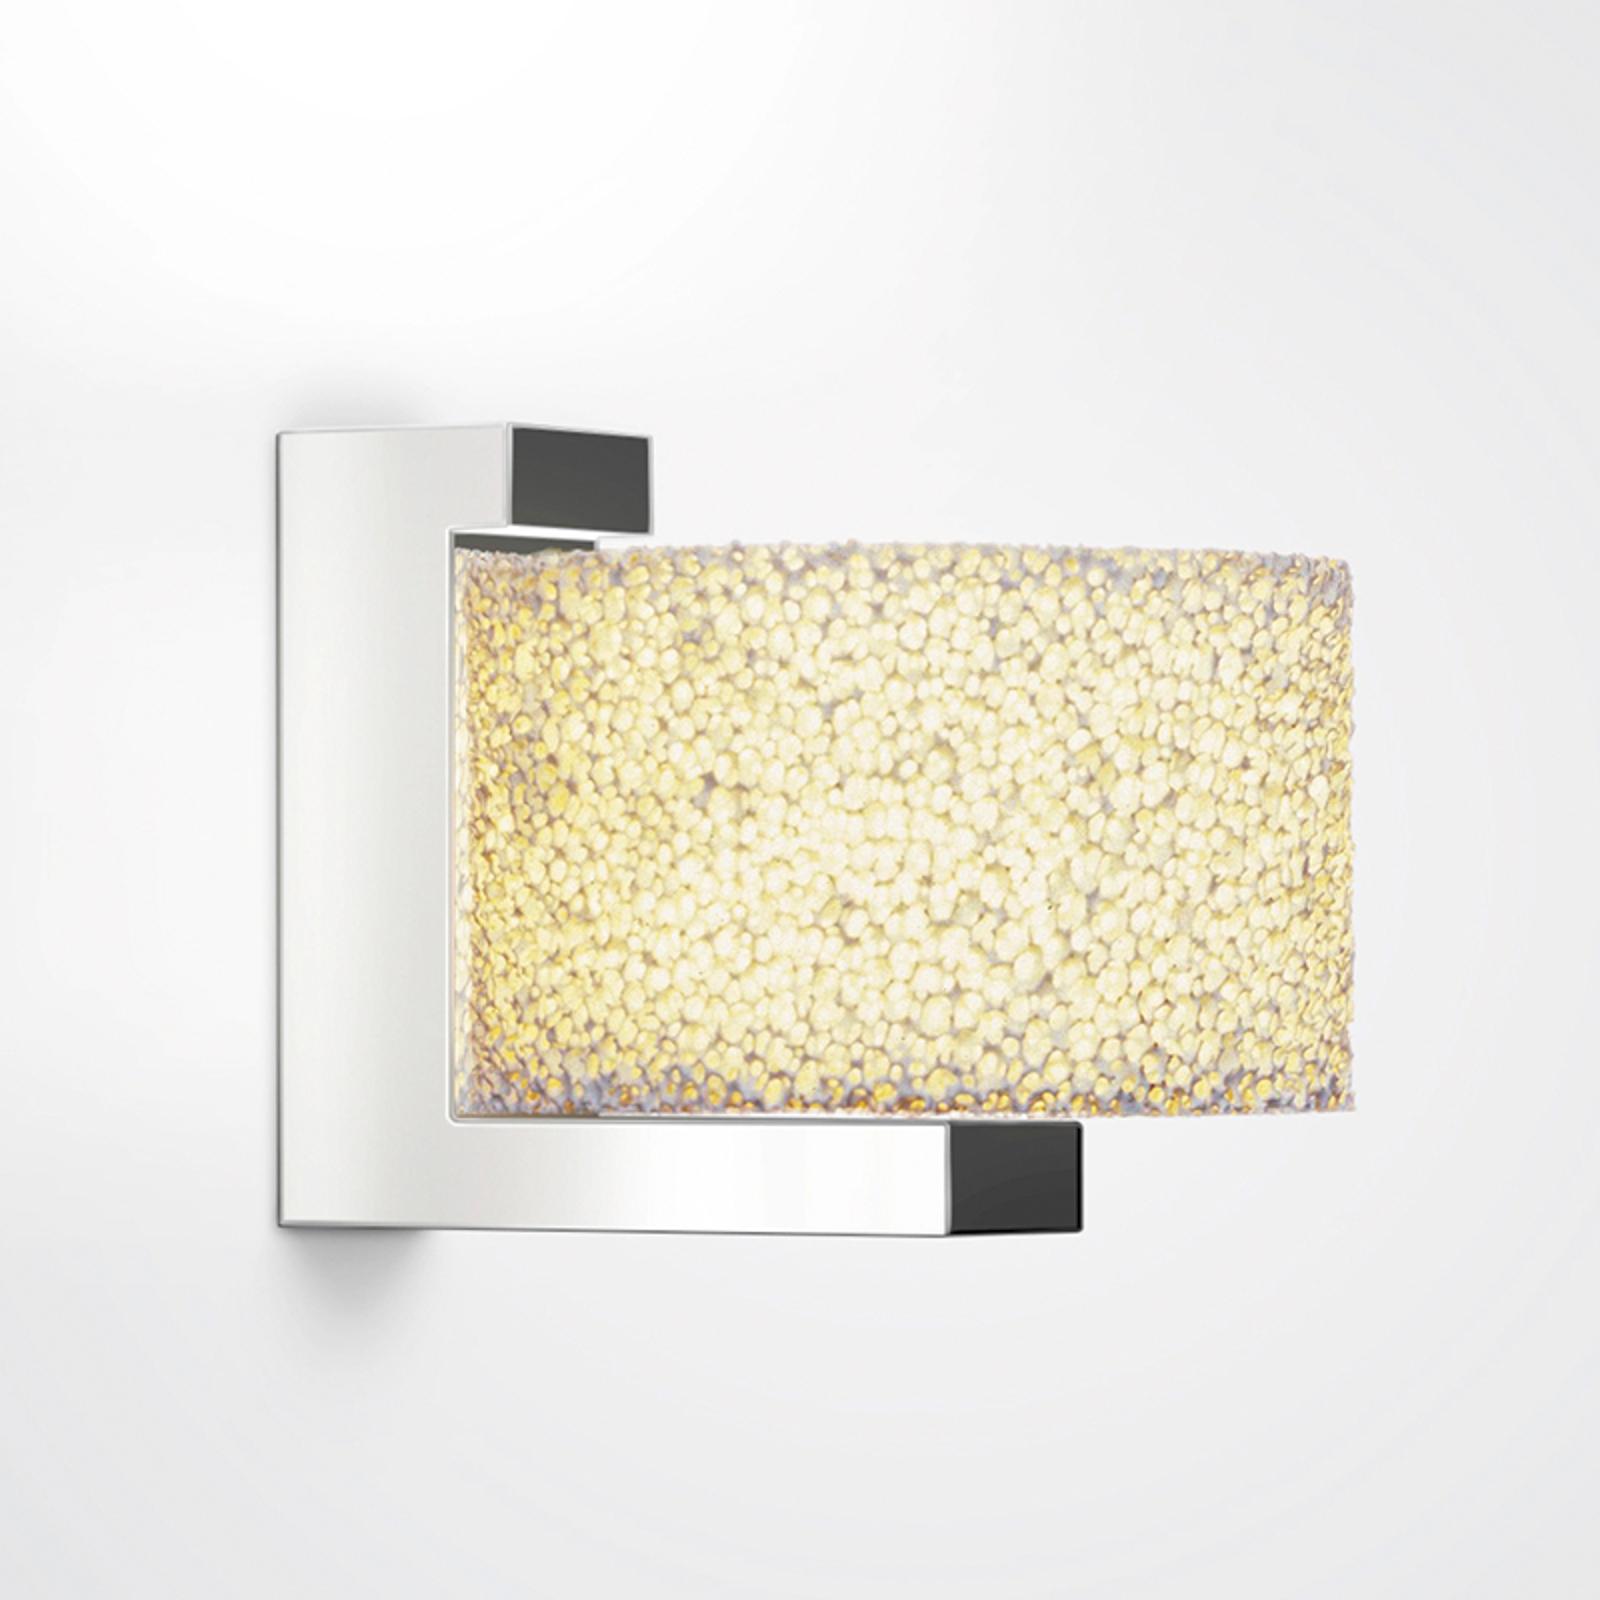 Keramisk skum – vegglampe Reef med dimbare LED-lys